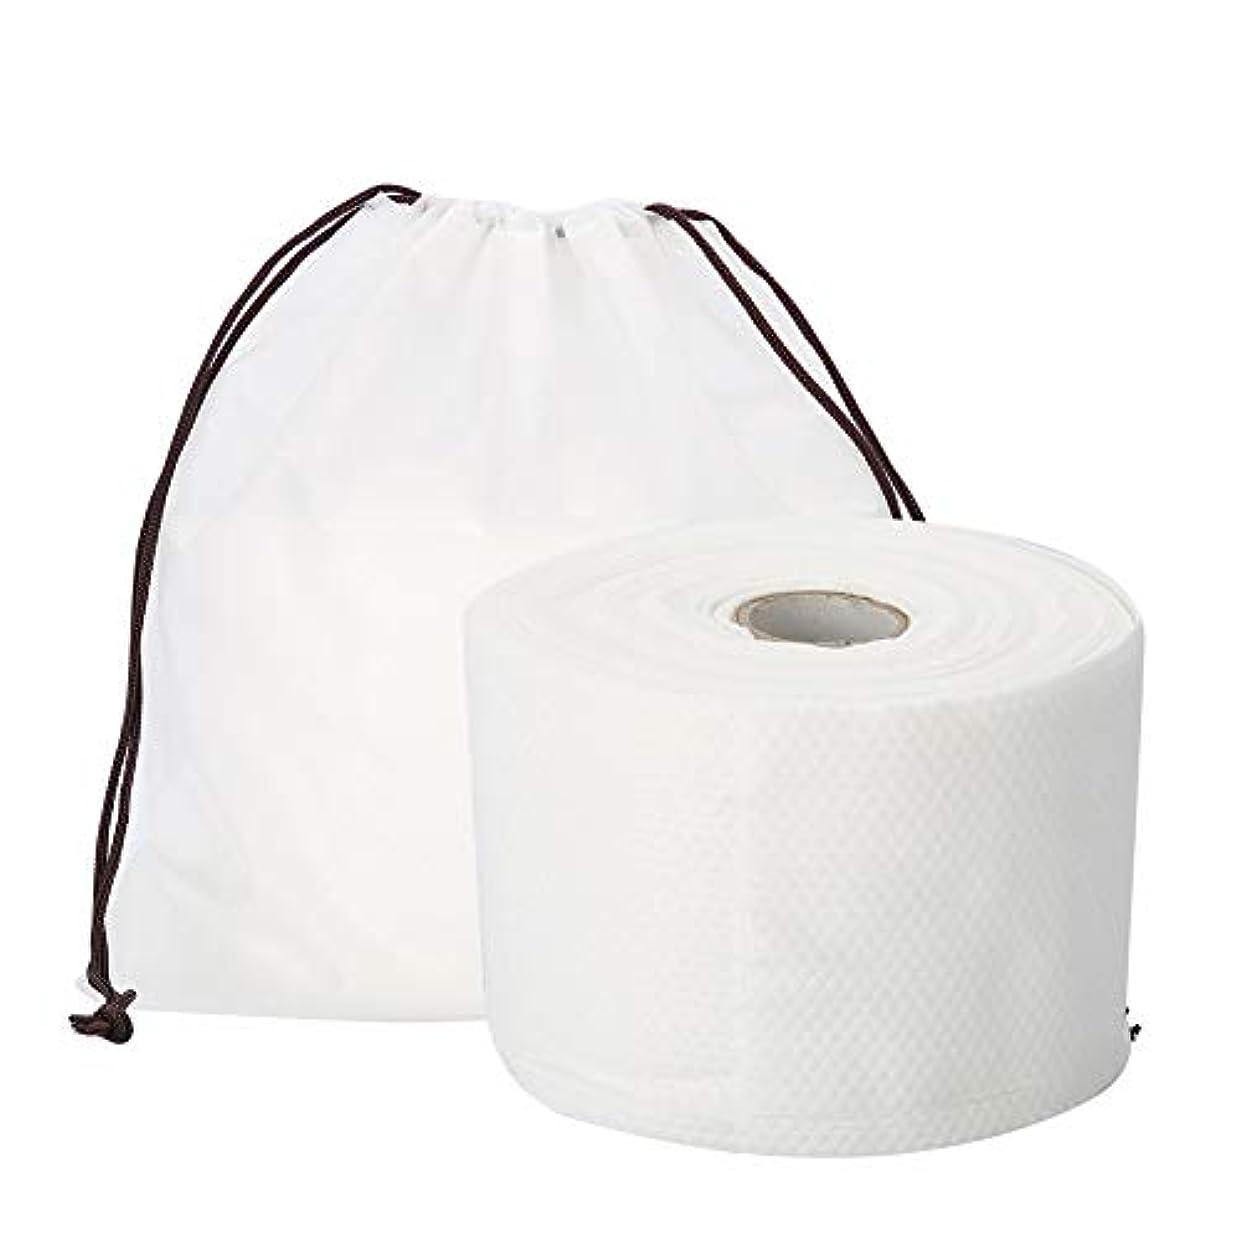 遡る糸ねじれSemmeの使い捨て可能なクリーニングのフェイスタオル、毛羽立ちのない綿パッドの構造使い捨て可能なフェイスタオルの柔らかいNonwovenのクリーニングの化粧品の綿パッド25m